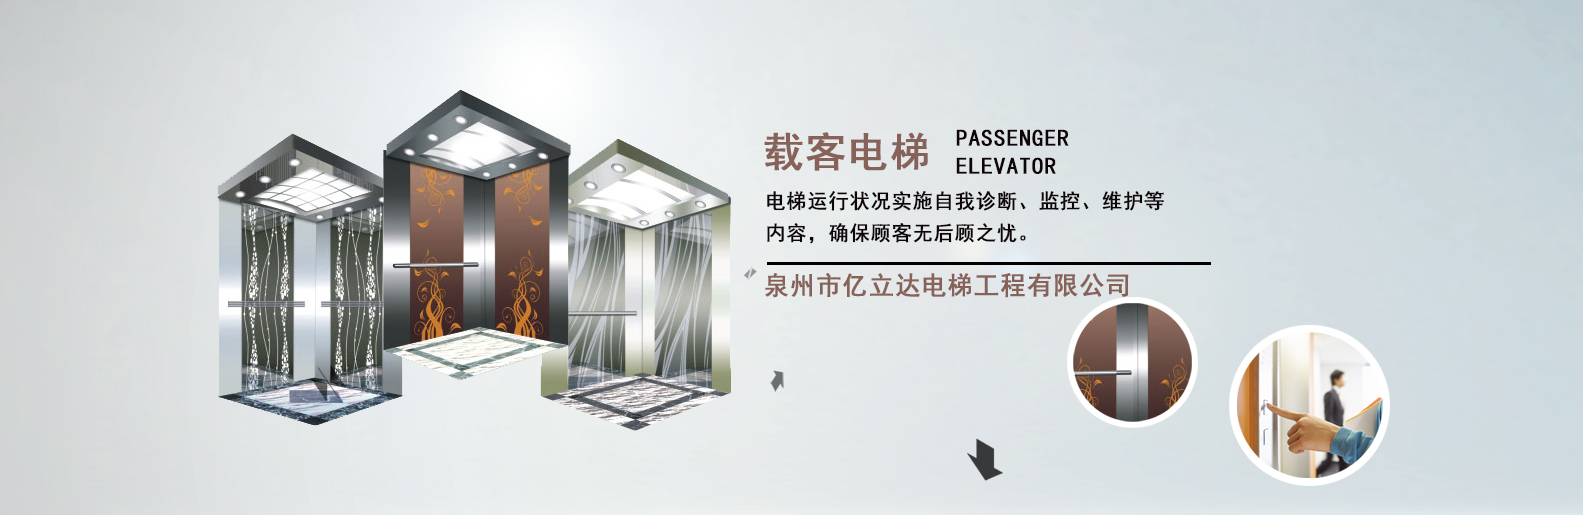 泉州市億立達電梯工程有限公司